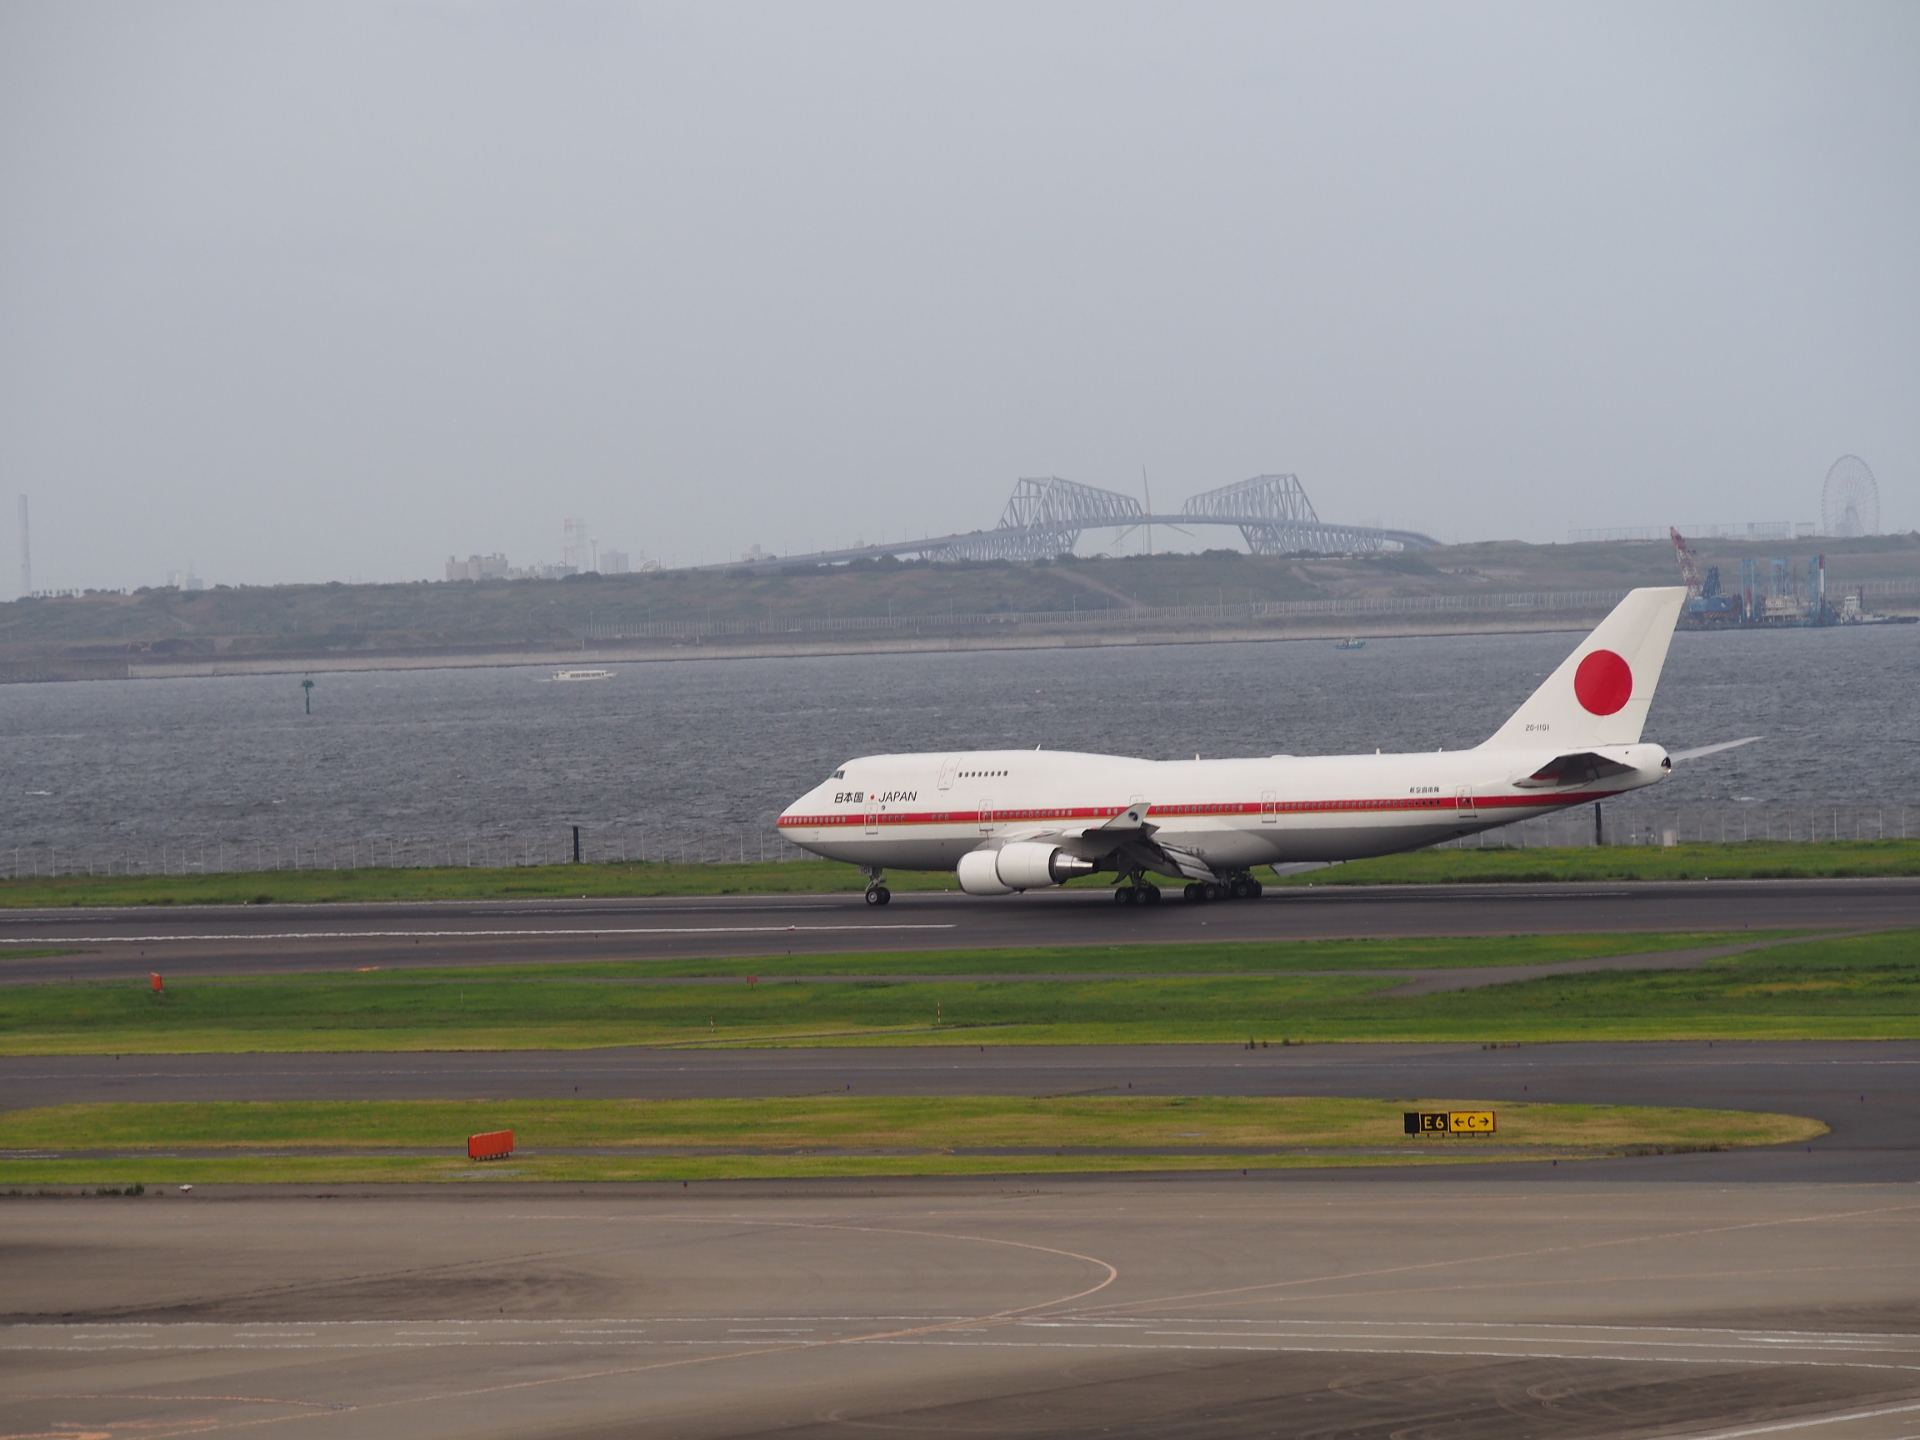 政府専用機(1番機)が着陸。